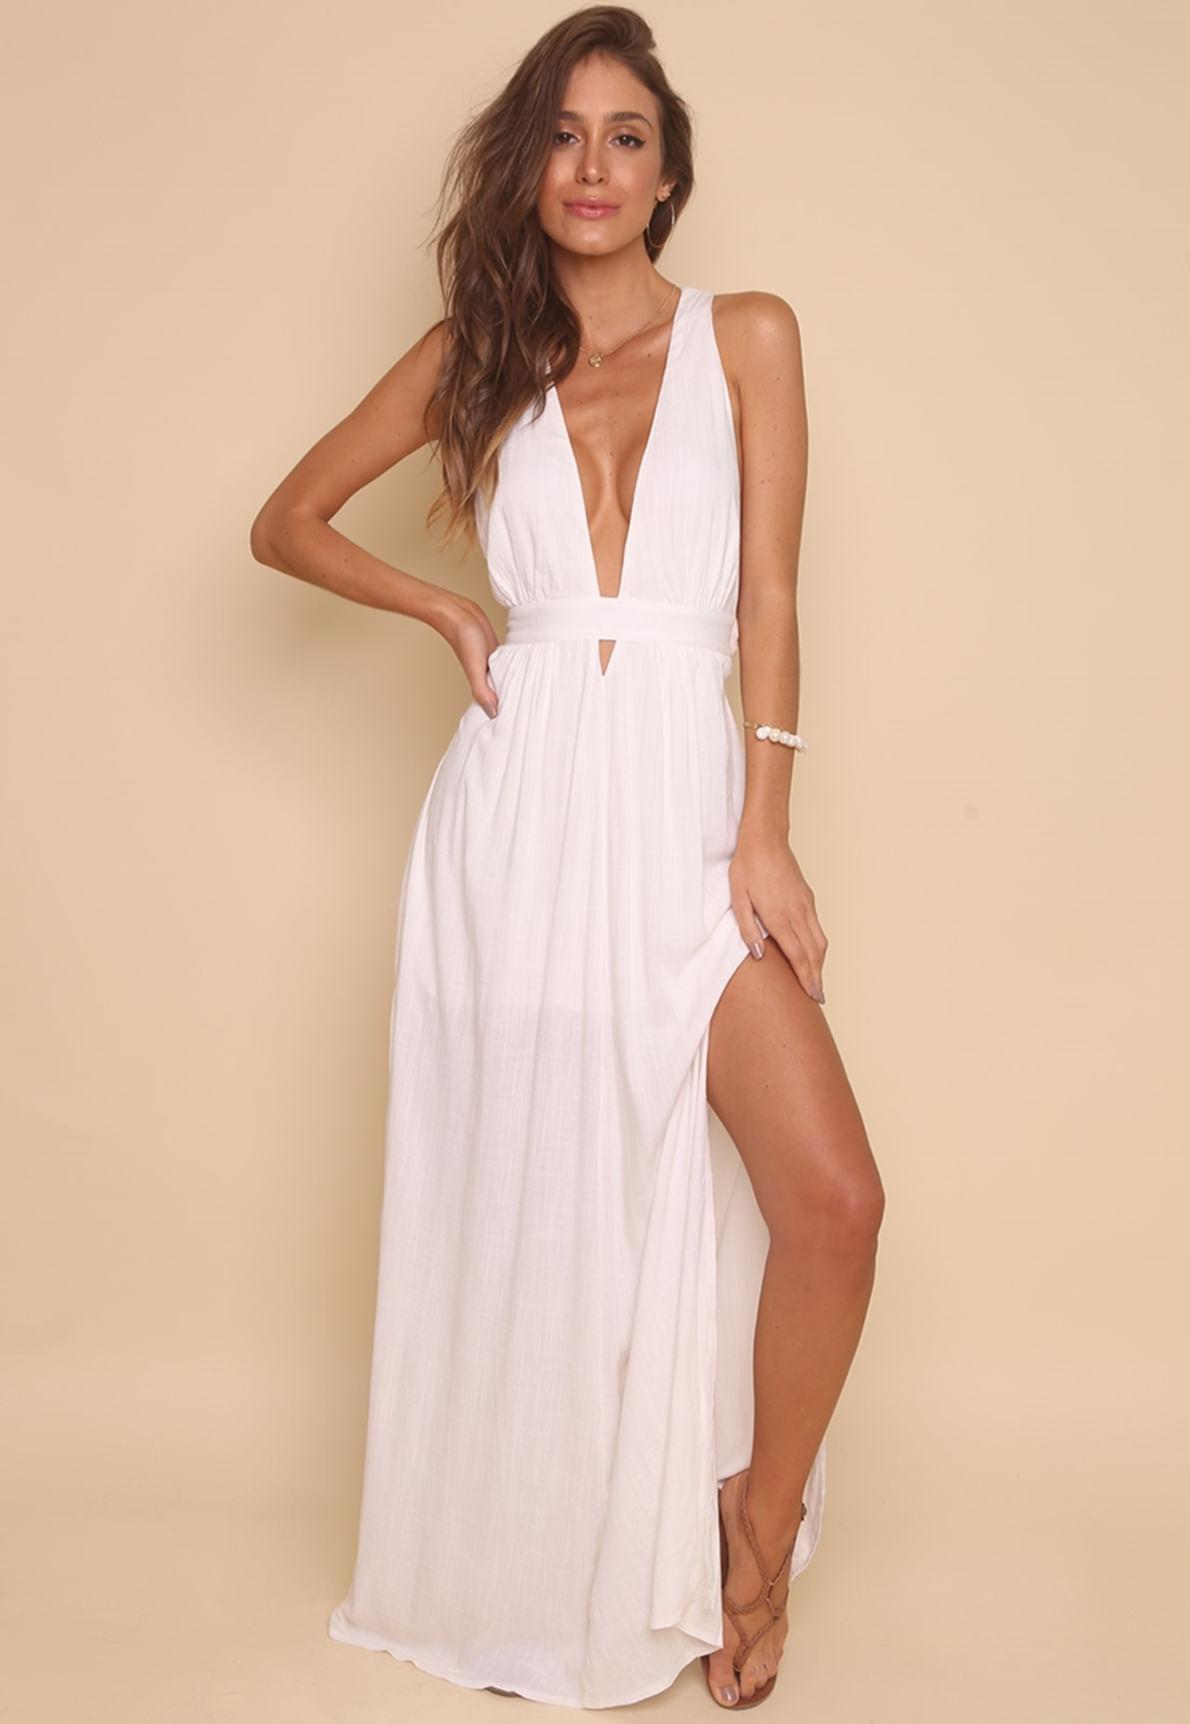 29791-vestido-longo-argolas-branco-meli-mundo-lolita-01